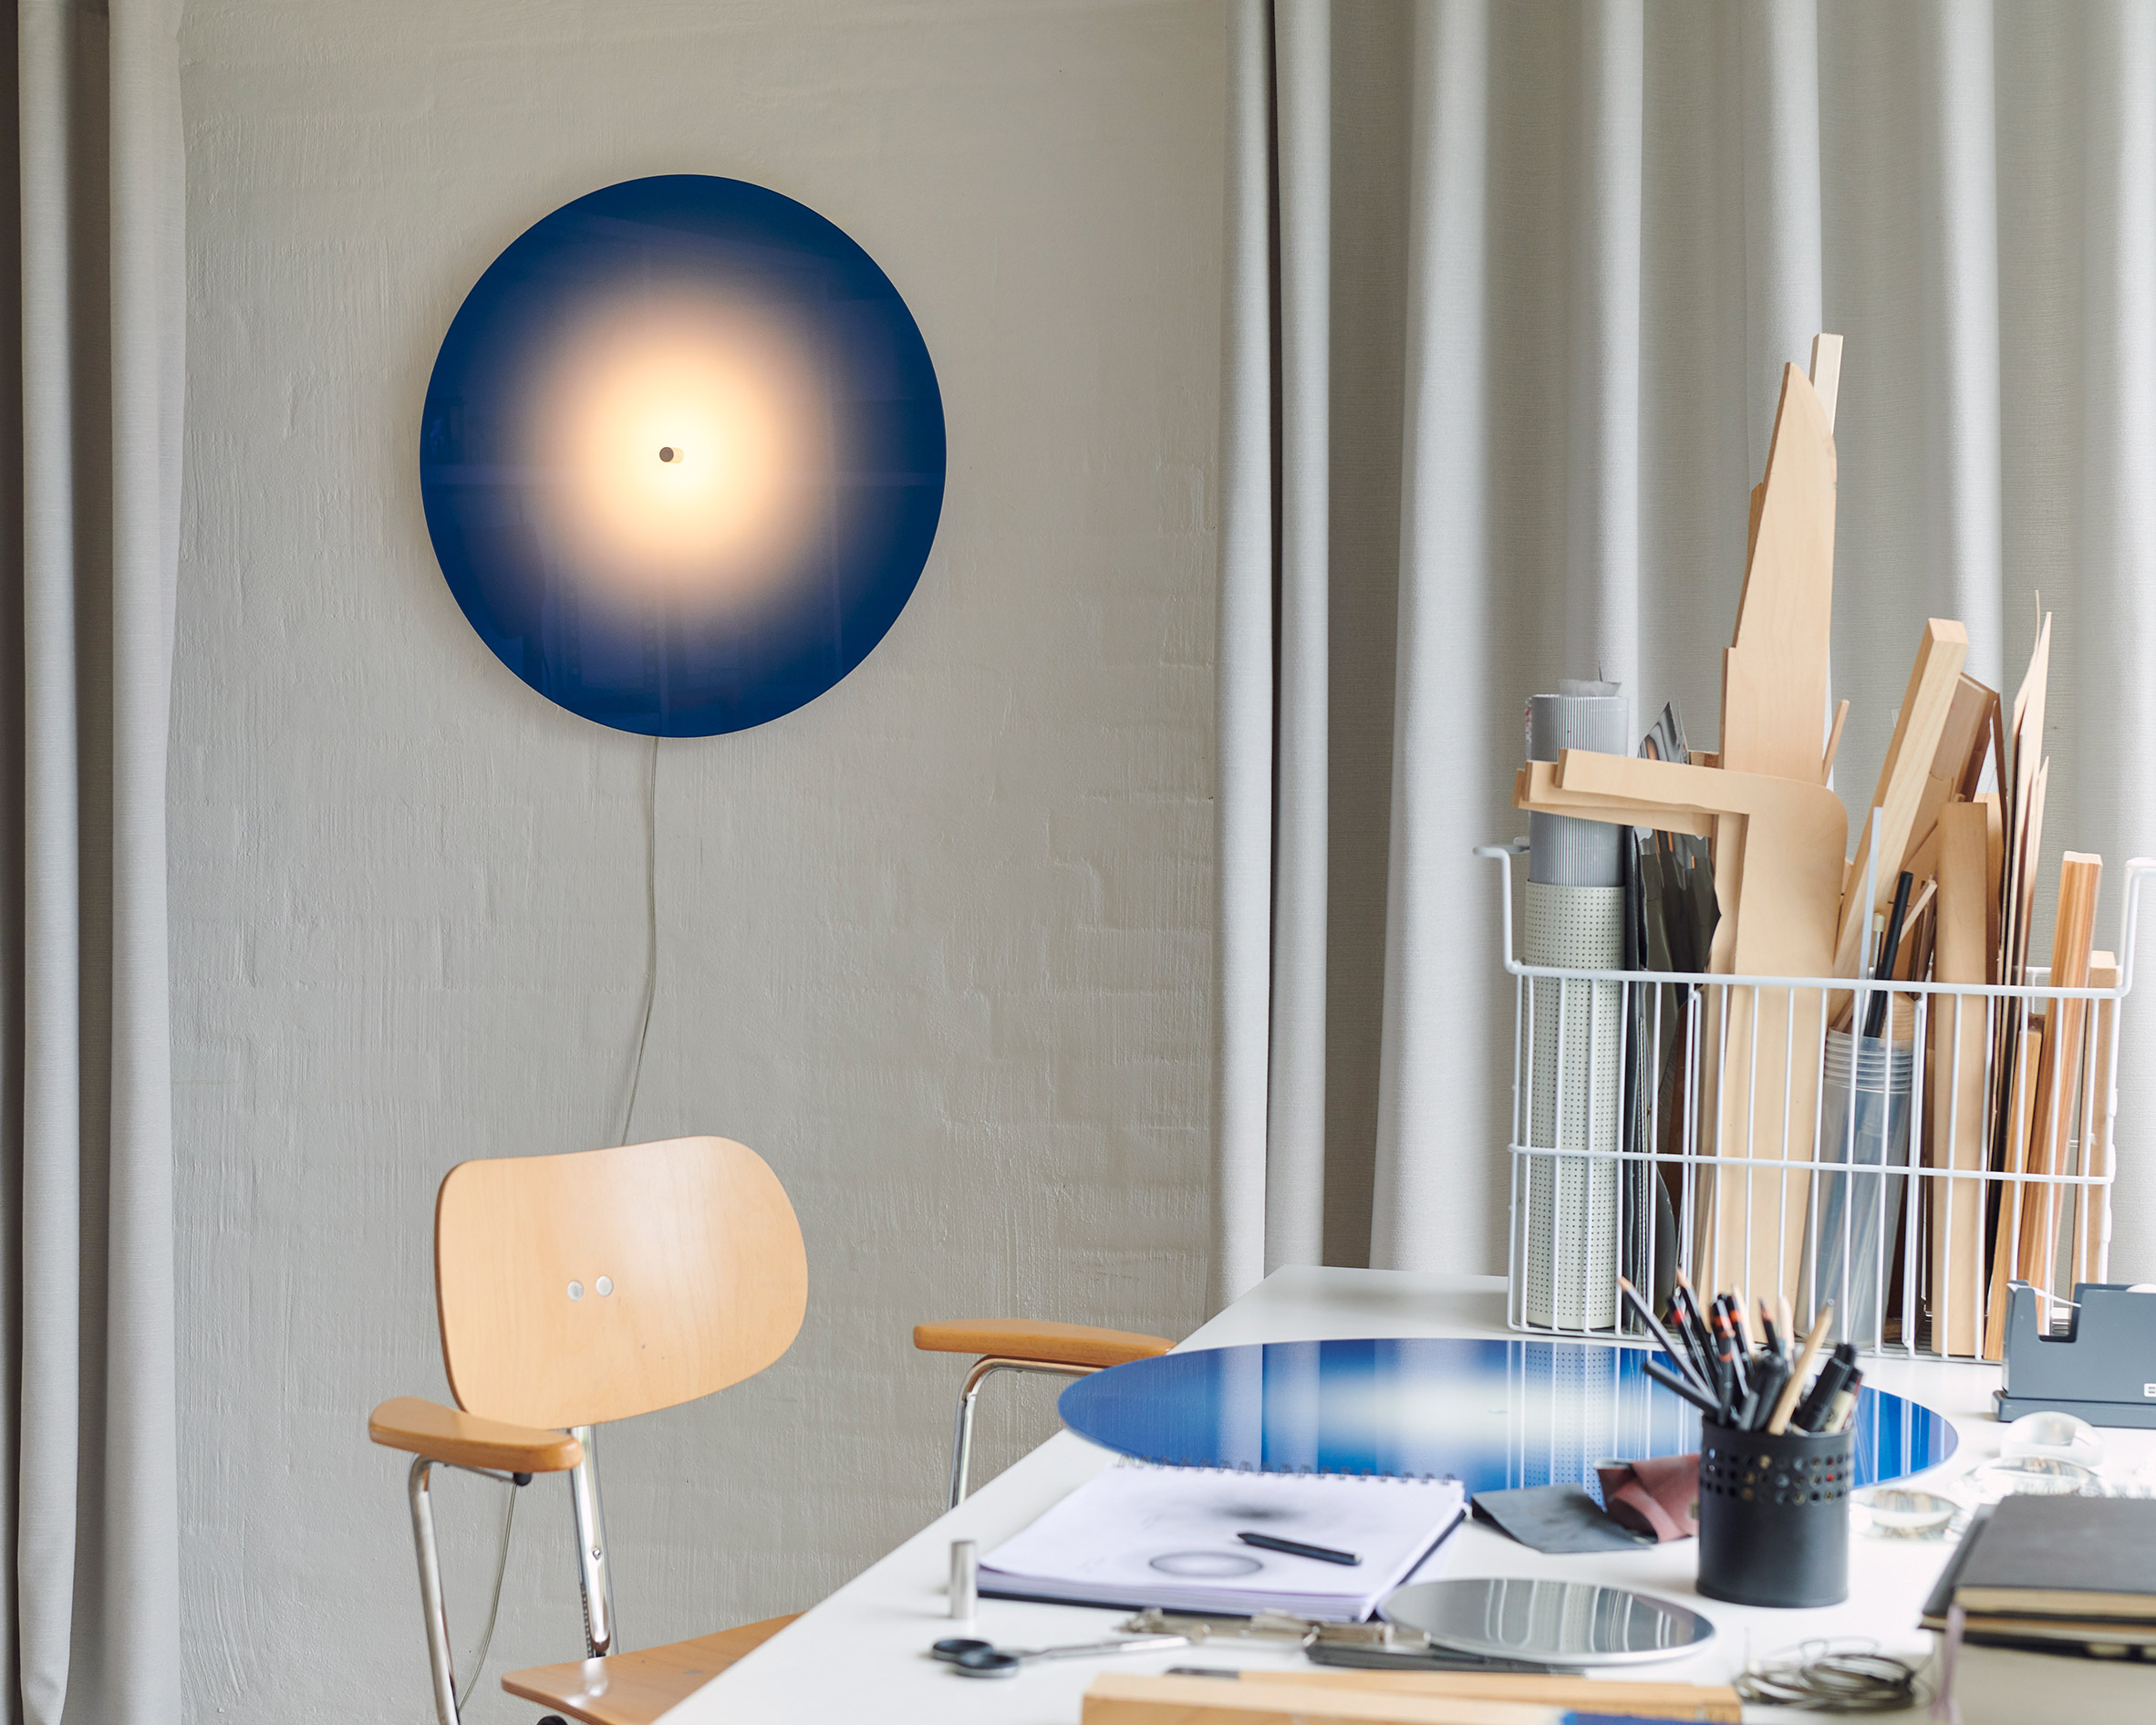 Ombre Light by Mette Schelde in a studio space